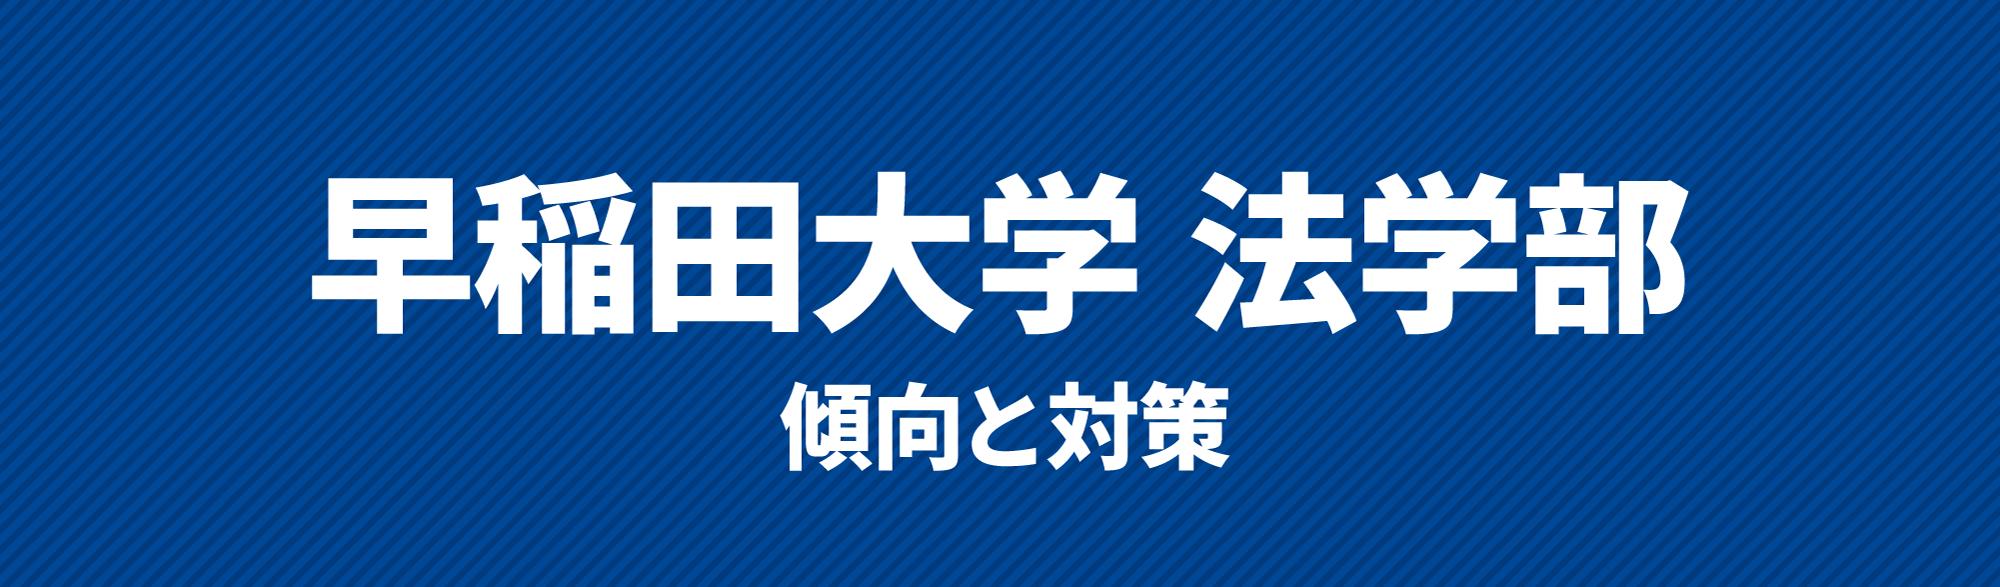 早稲田大学法学部傾向と対策